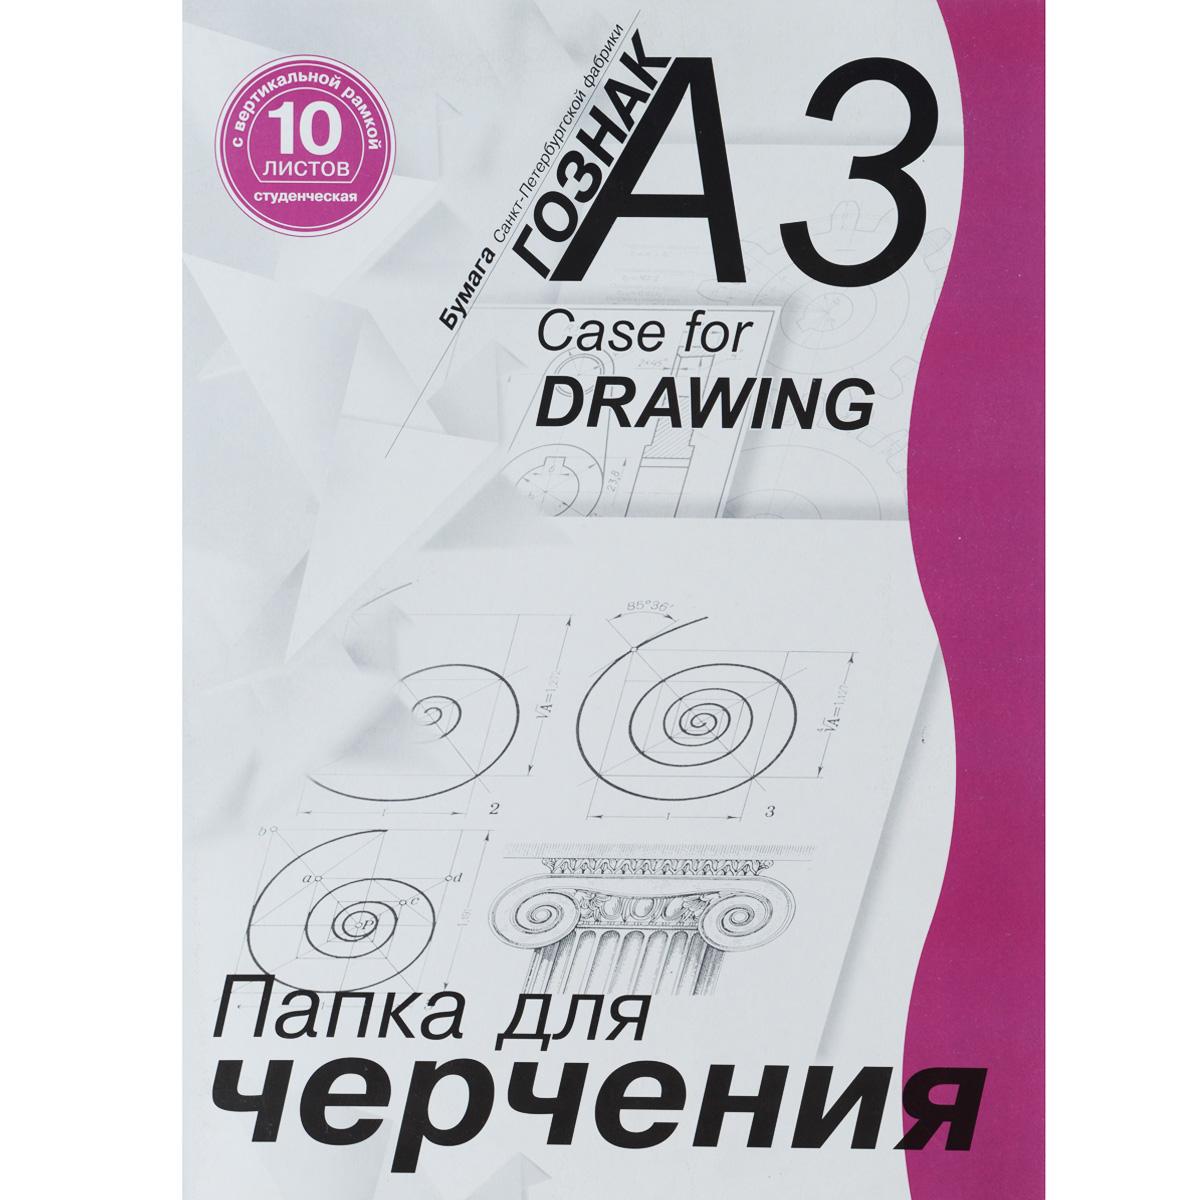 Папка для черчения Гознак, с вертикальной рамкой, 10 листов, формат А3 апплика папка для черчения формата а3 10 листов с вертикальным штампом обложка ми 26